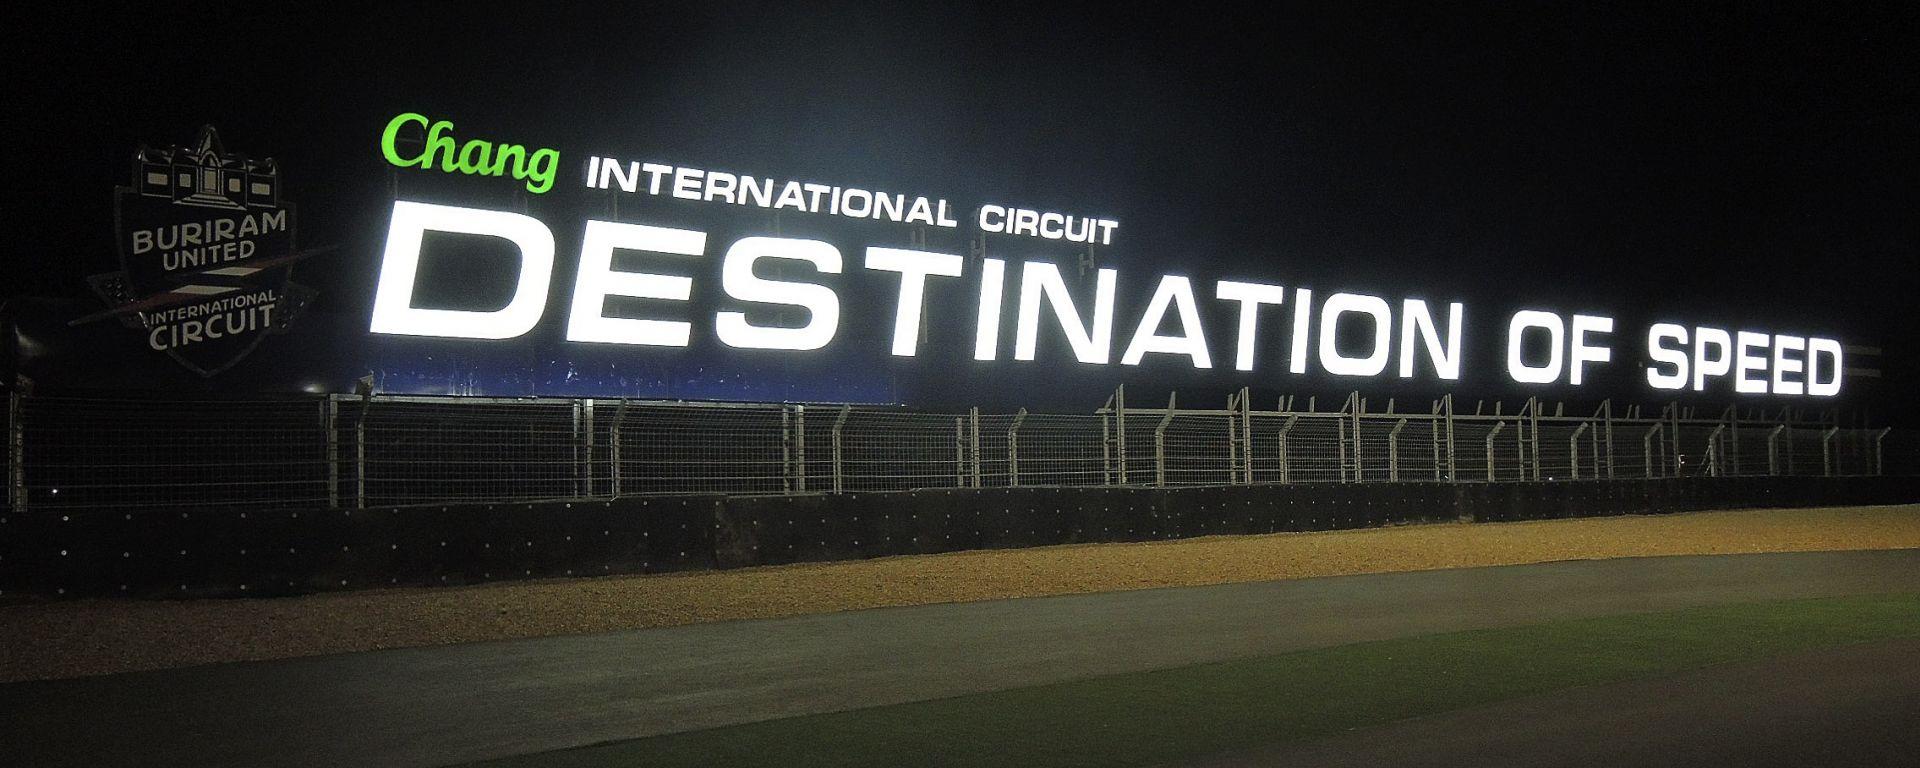 Superbike 2017 round 2 Gran Premio della Thailandia: prove libere, qualifiche, Gara 1 e Gara 2